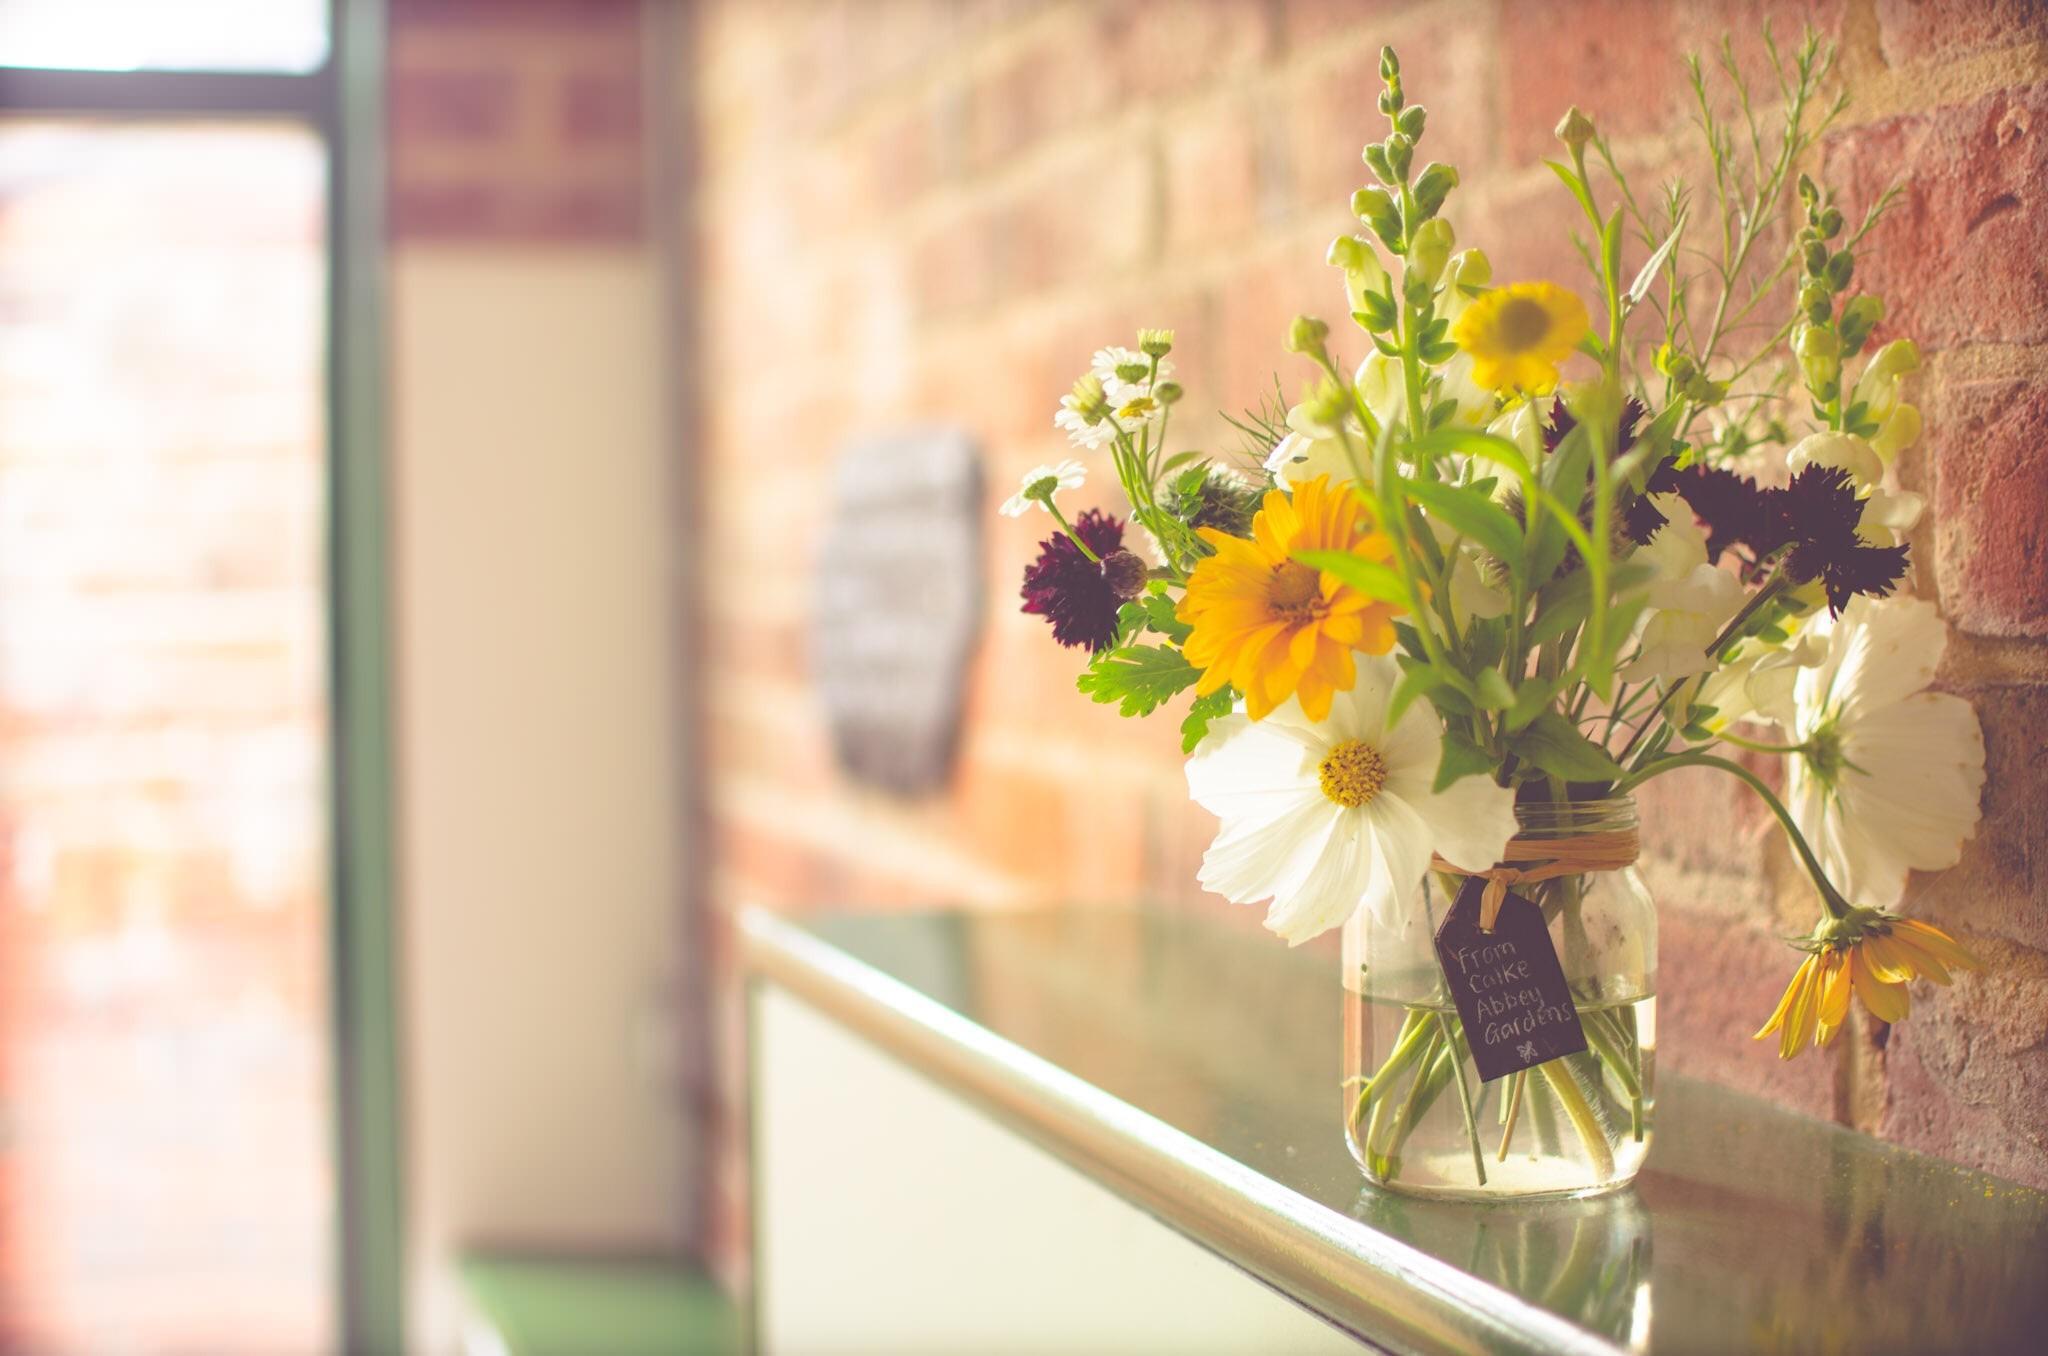 Papel De Parede Colorida Janela Flores Plantas Vasos Verde